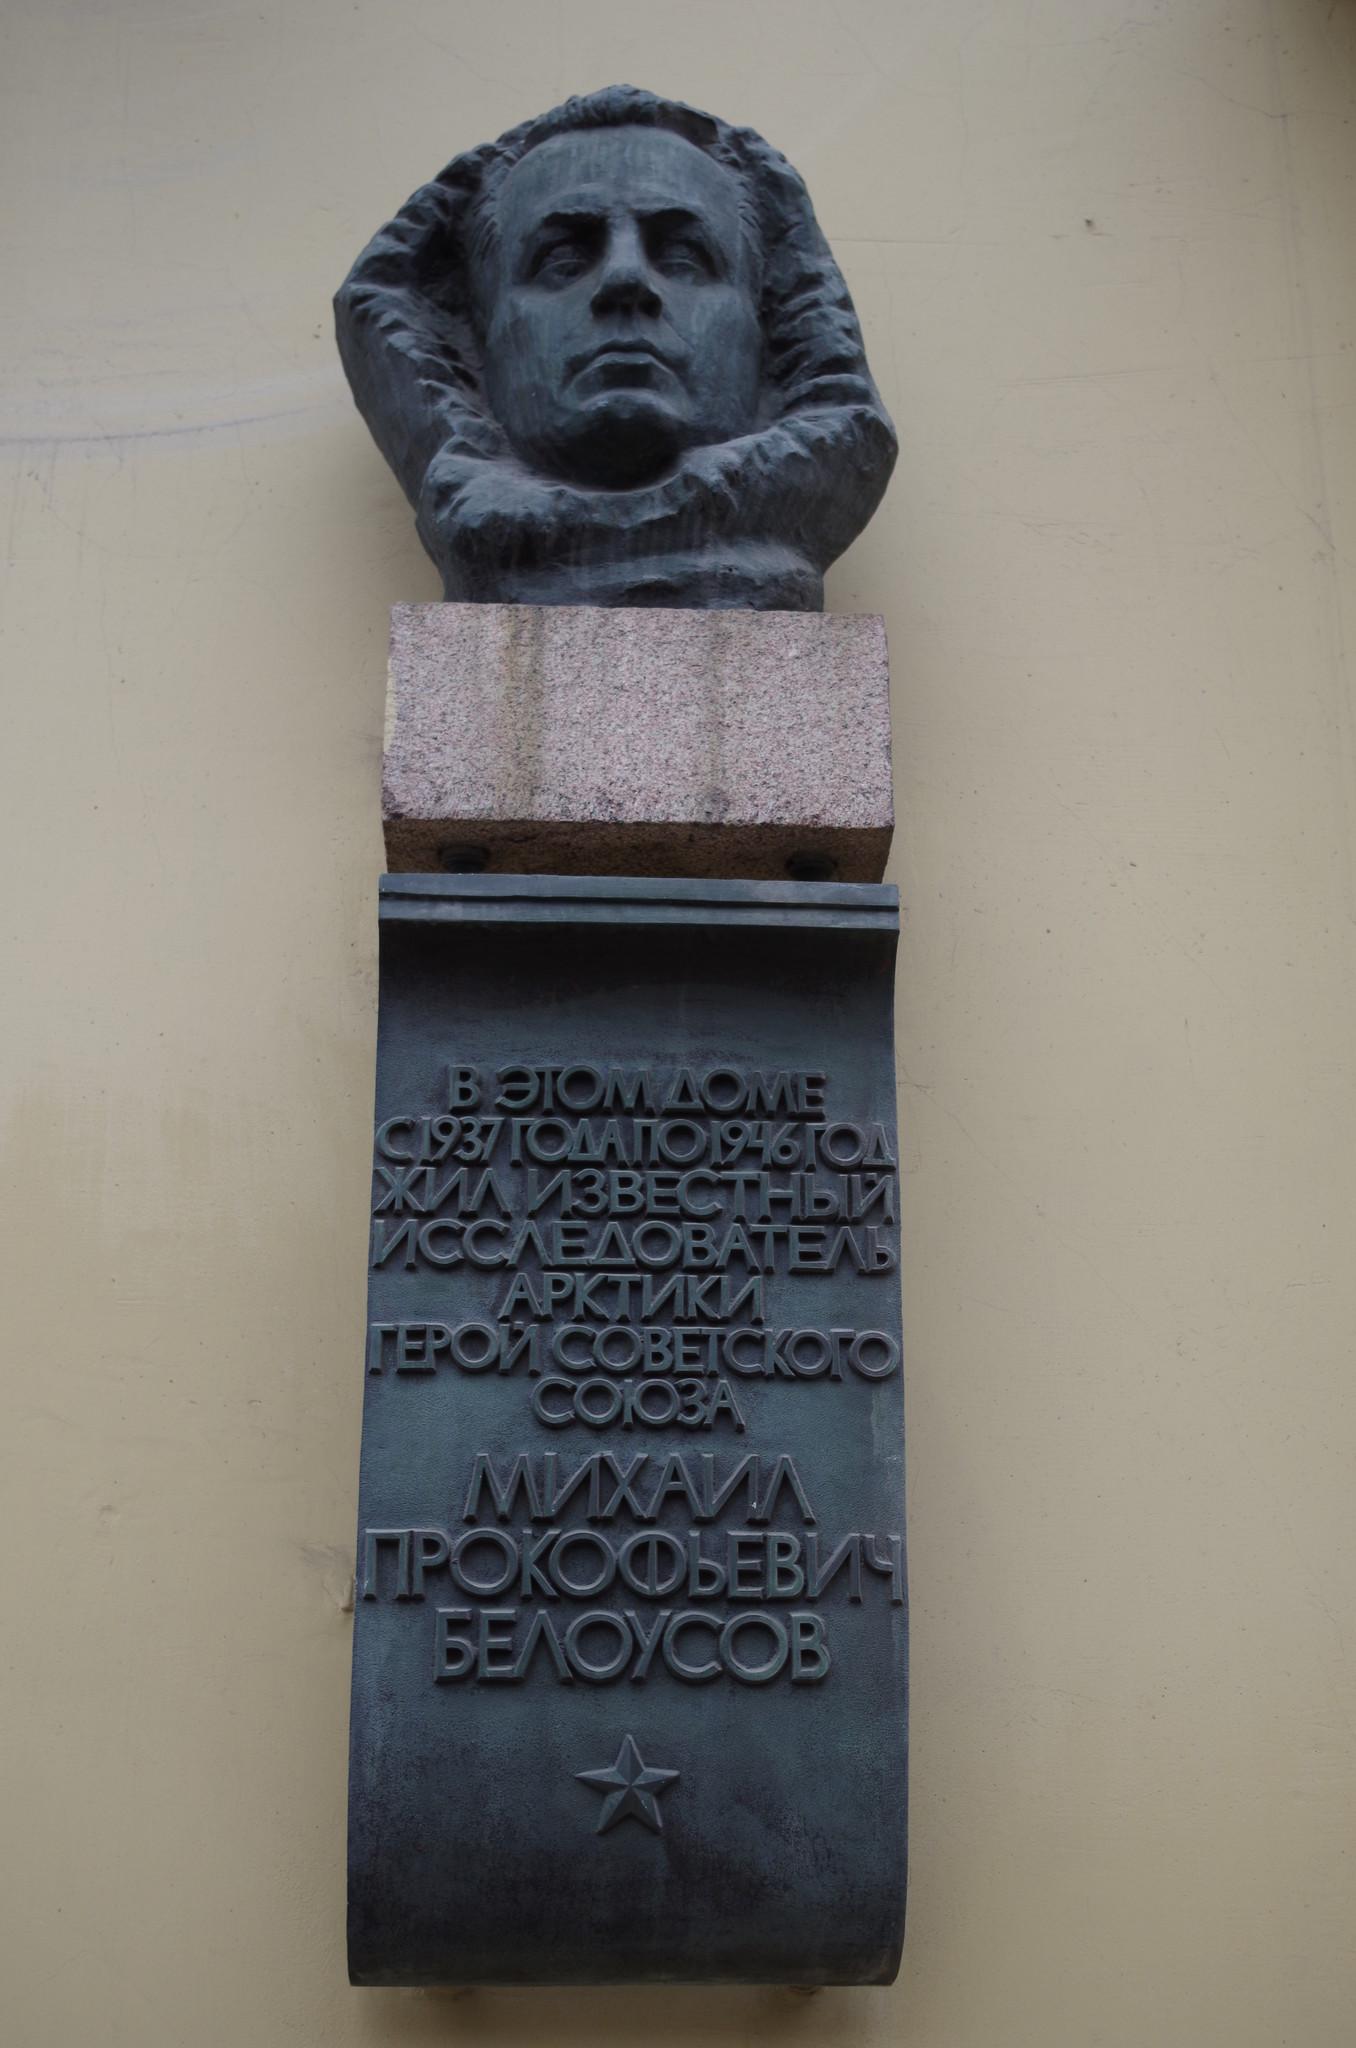 Мемориальная доска Михаилу Прокофьевичу Белоусову на «Доме полярников» (Никитский бульвар, дом 9), где с 1937 года по 1946 год жил известный исследователь Арктики